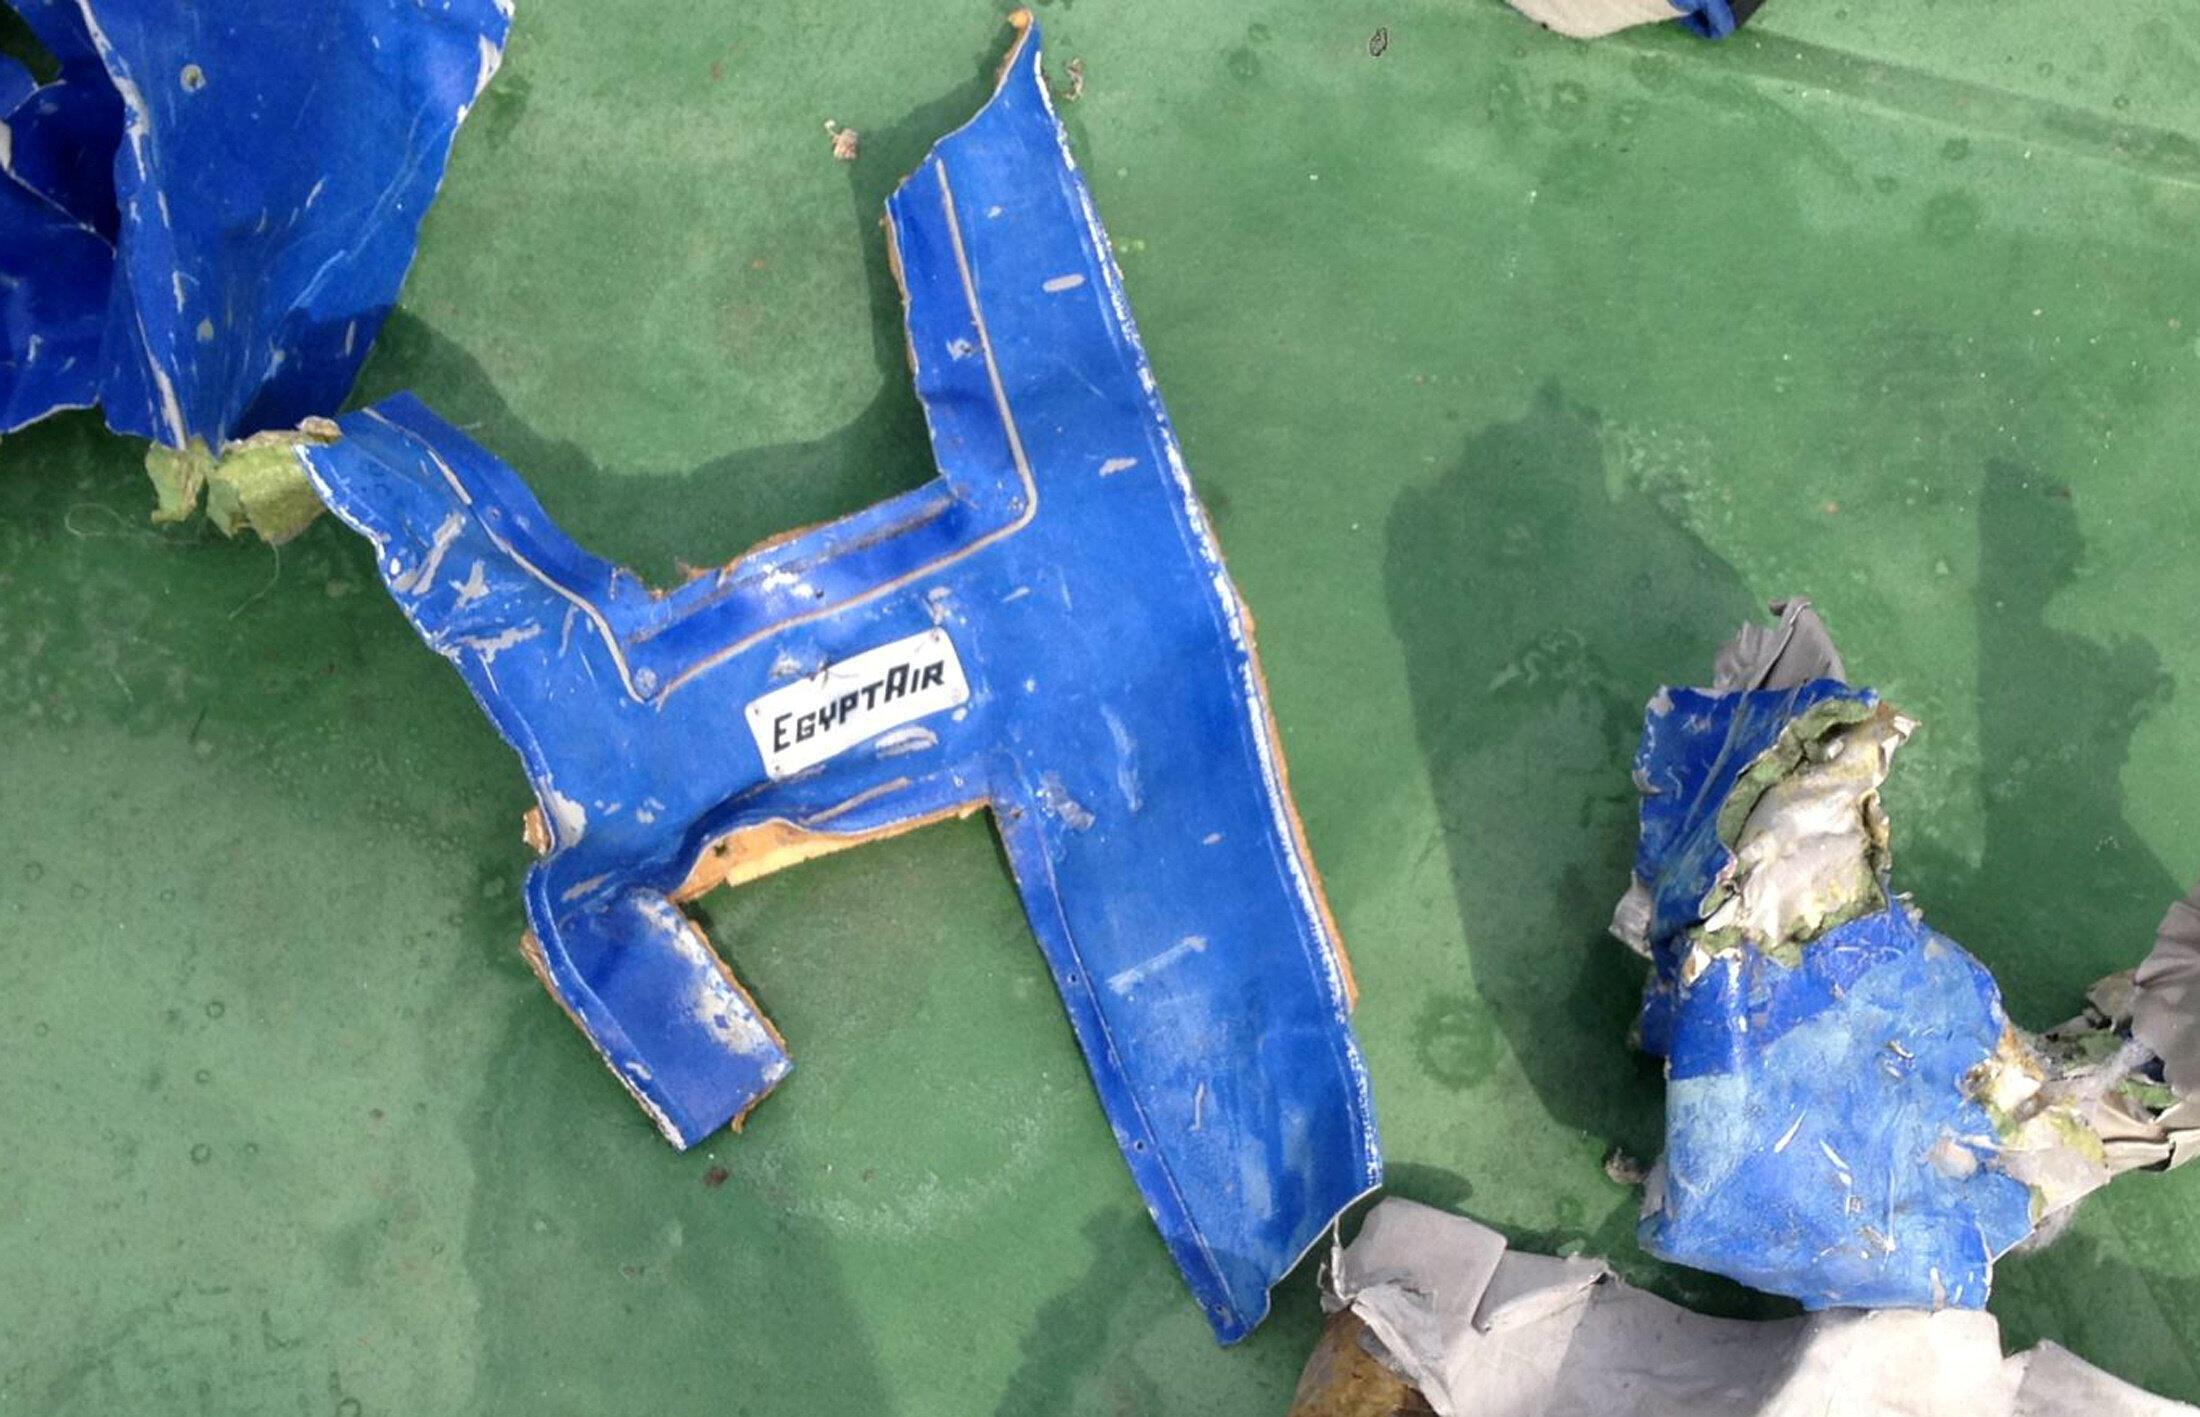 Các mảnh vỡ của chiếc máy bay gặp nạn thuộc hãng EgyptAir tìm thấy ở Địa Trung Hải